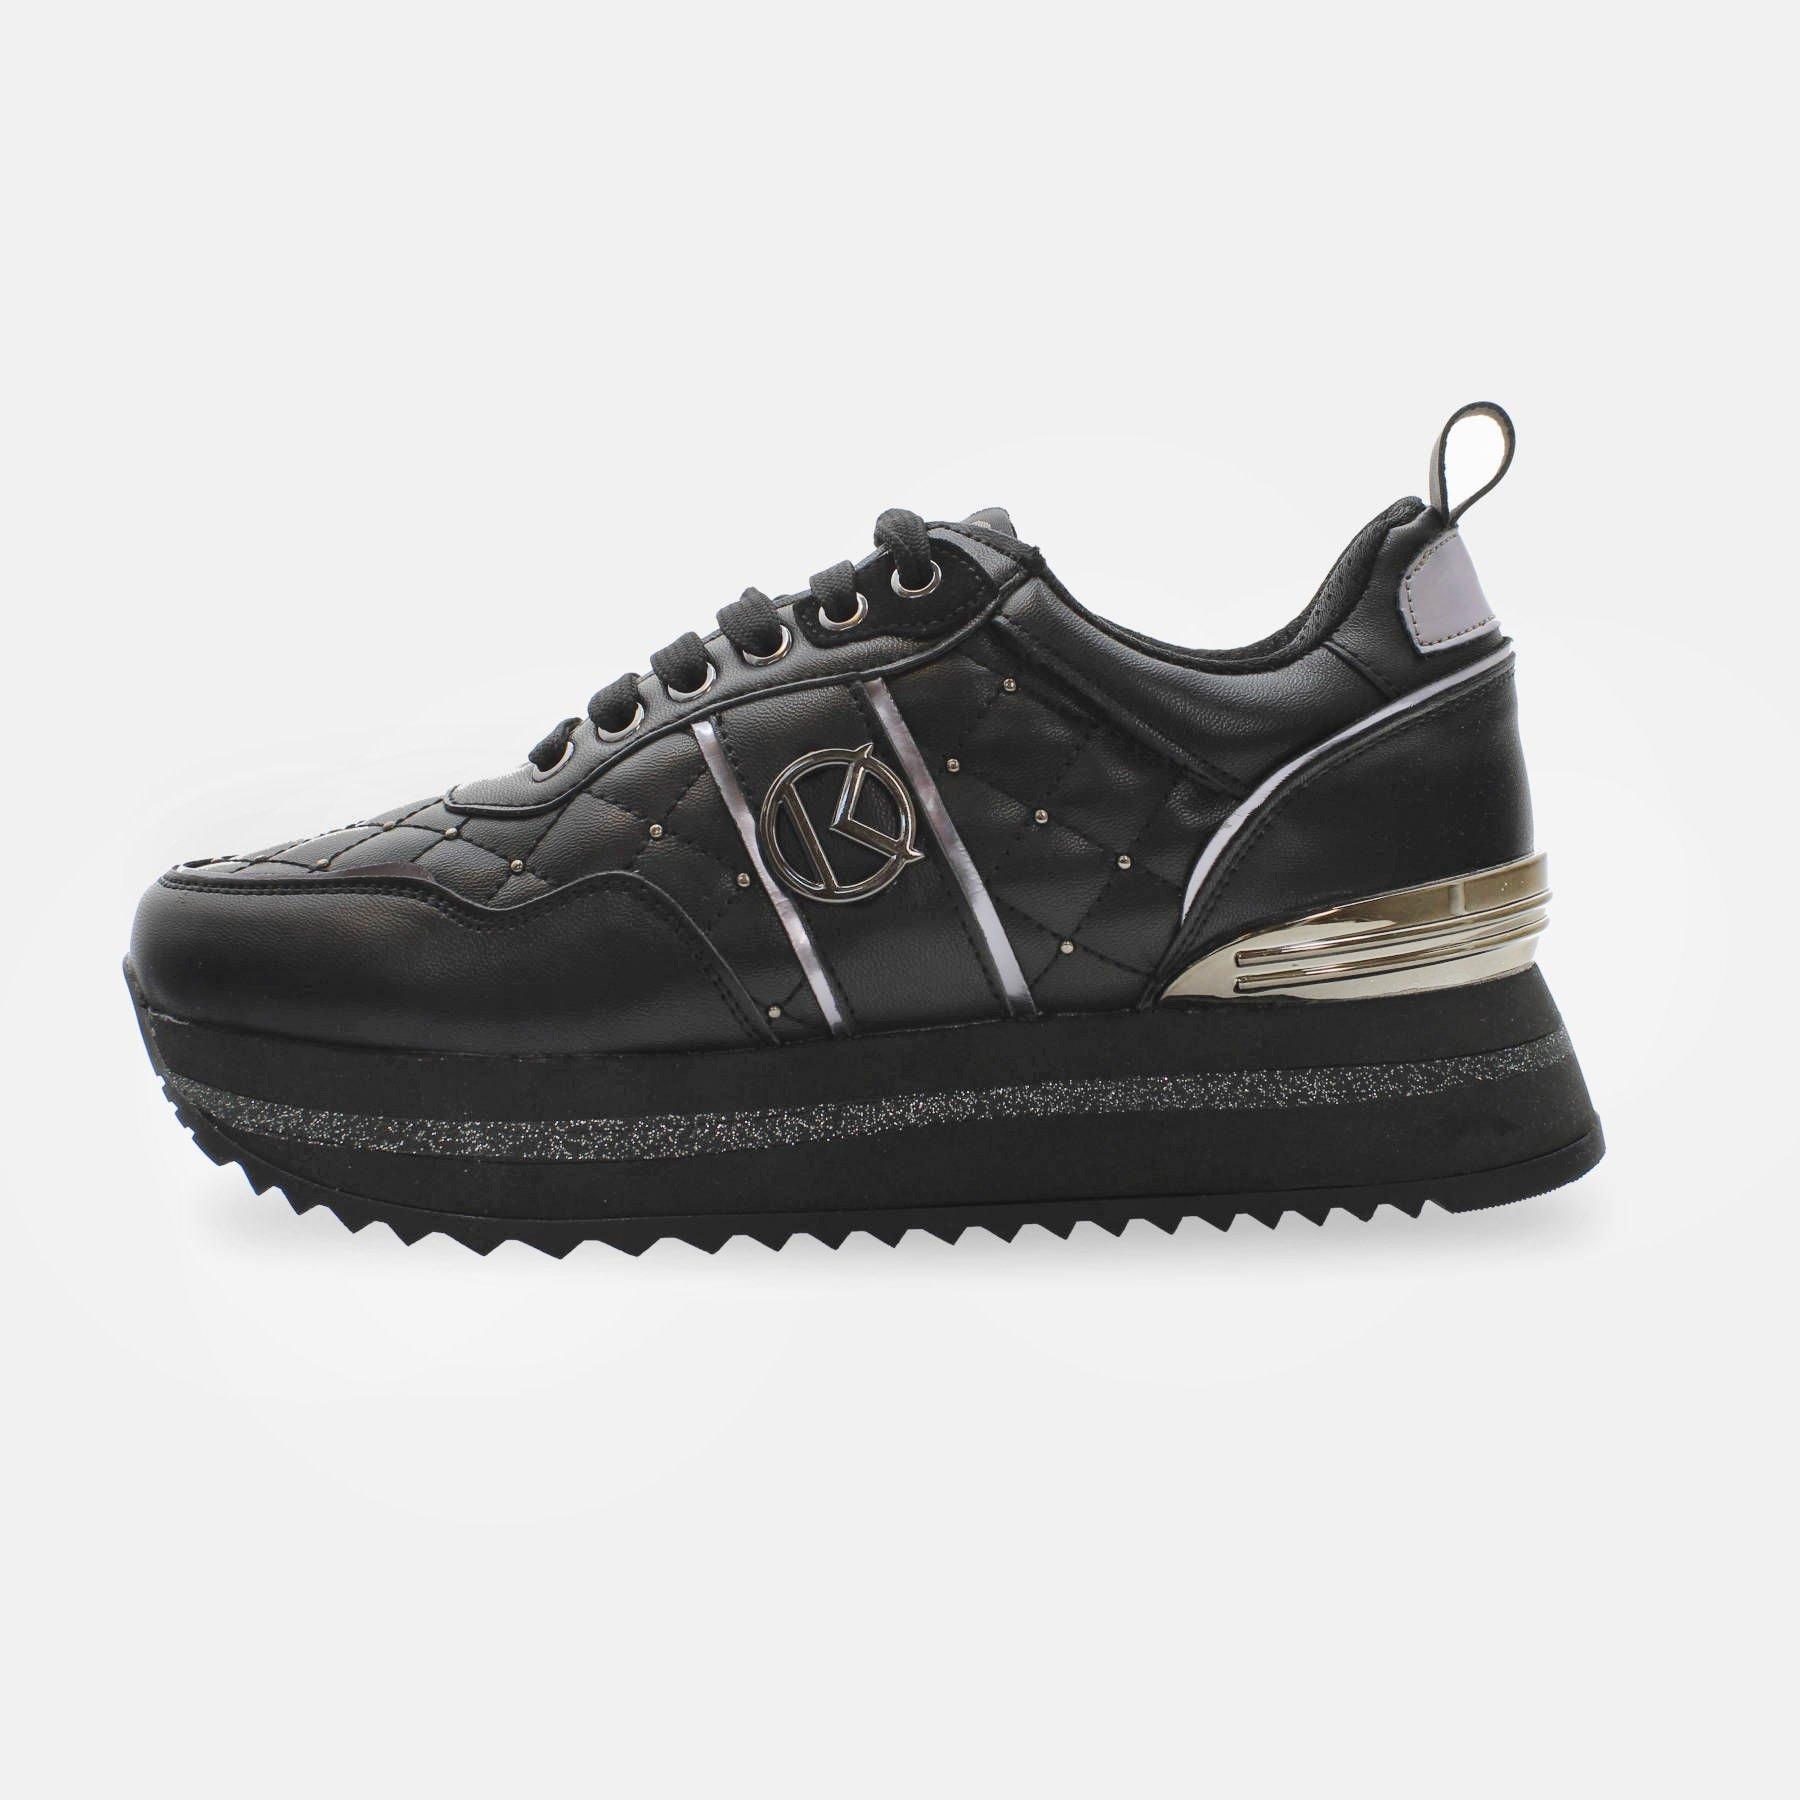 Kharisma Sneakers trapuntata dettagli nero 2013